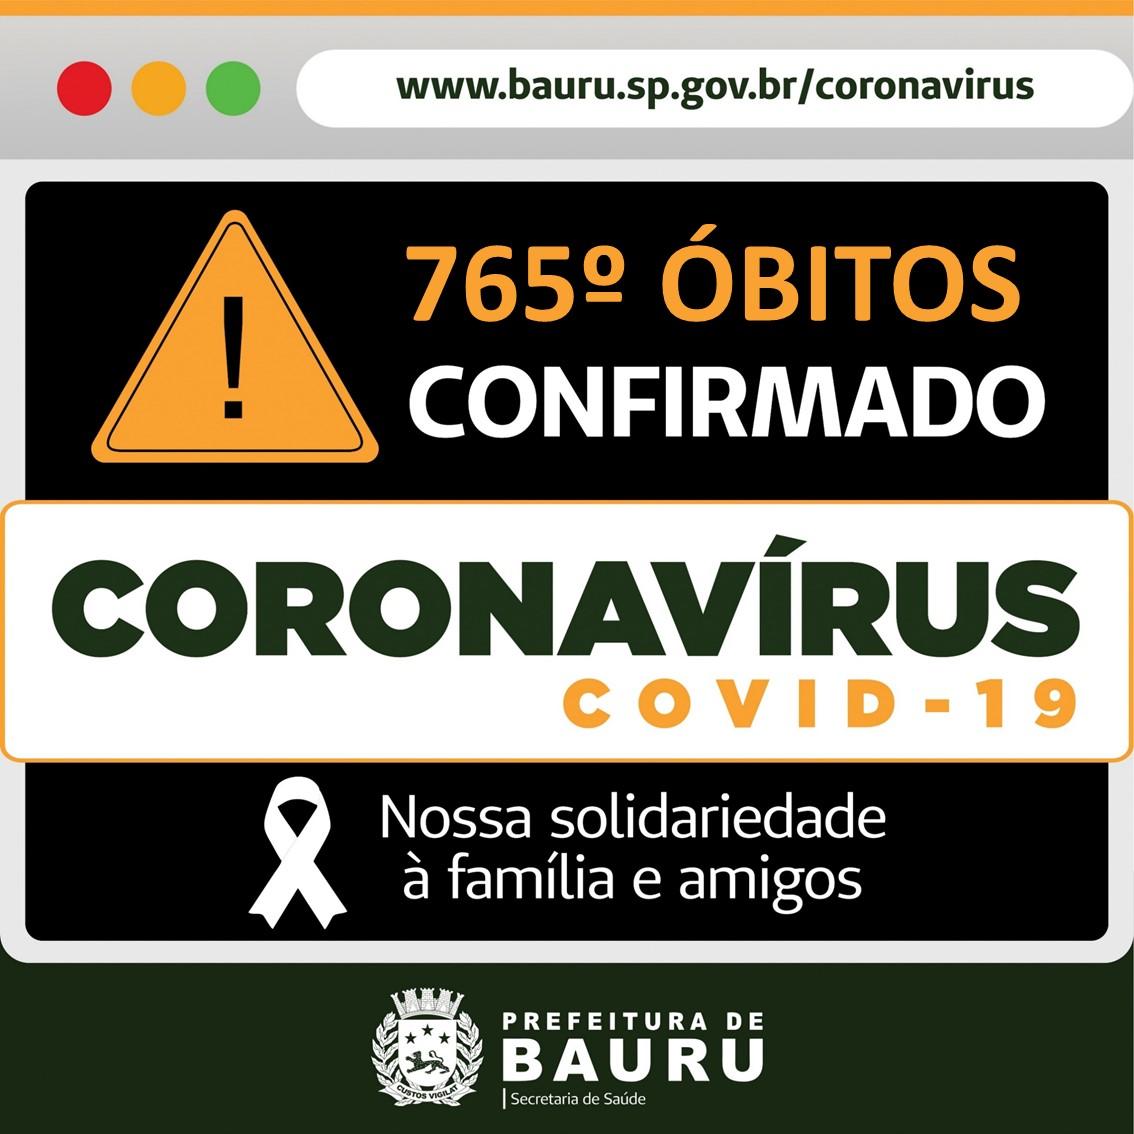 Bauru confirma mais 1 óbito por coronavírus